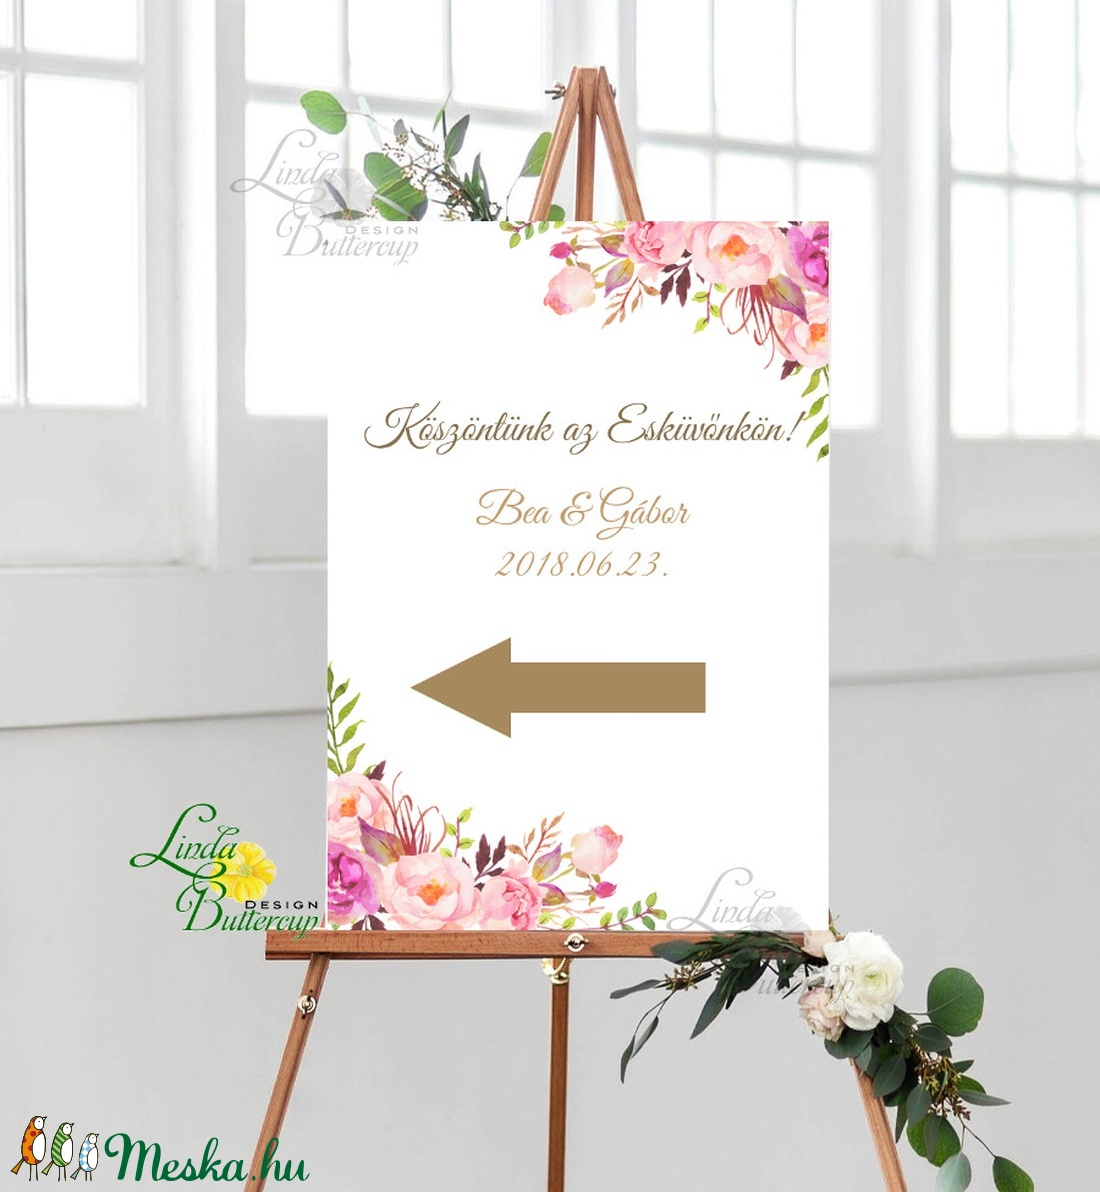 Esküvői Felirat A2, Köszöntő, Üdvözlő, idézet, romantikus, természetközeli, üzenet, virágos, trendi - esküvő - dekoráció - tábla & jelzés - Meska.hu